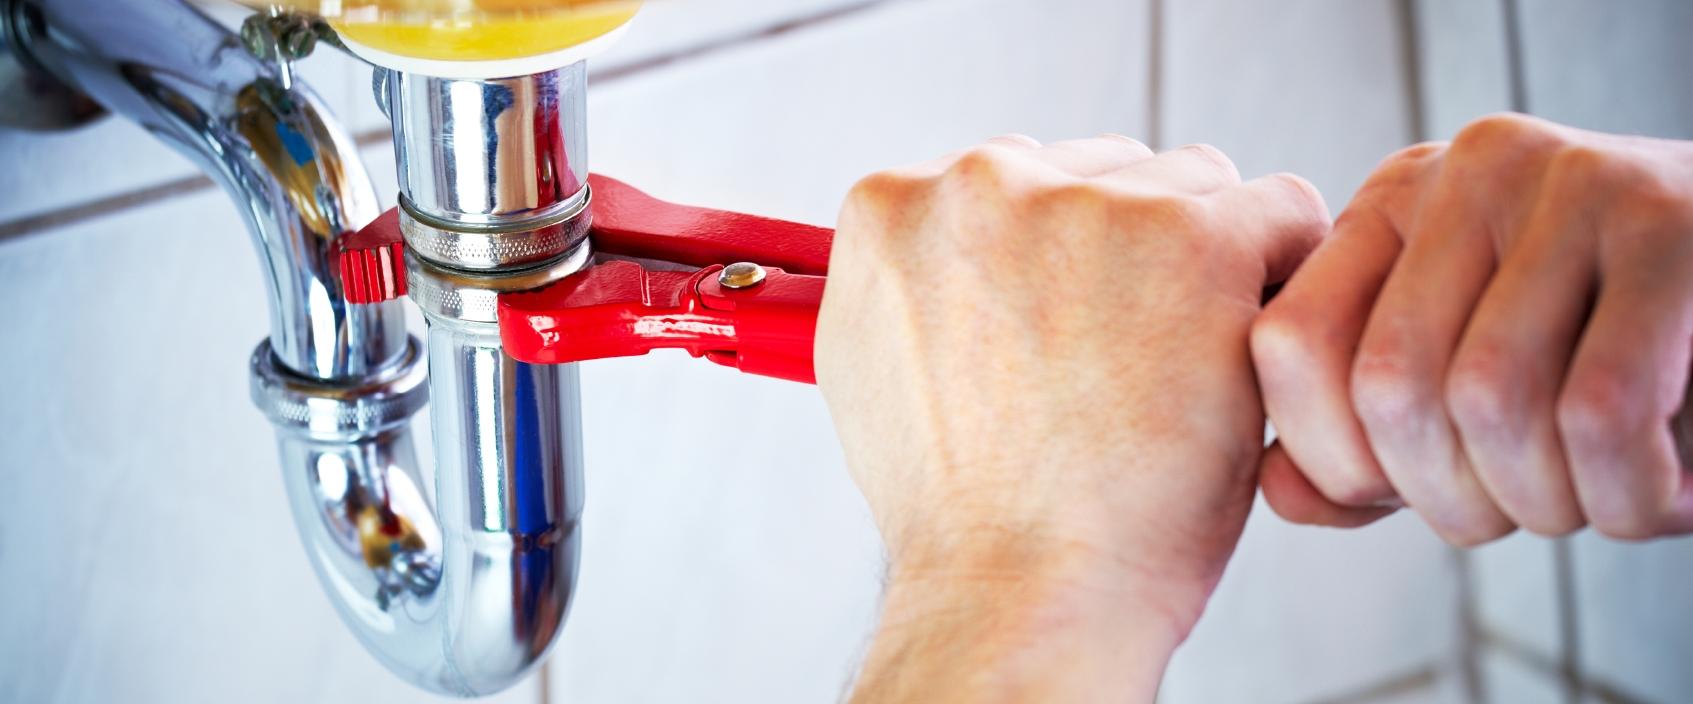 plumbing_slide-e1453741536971